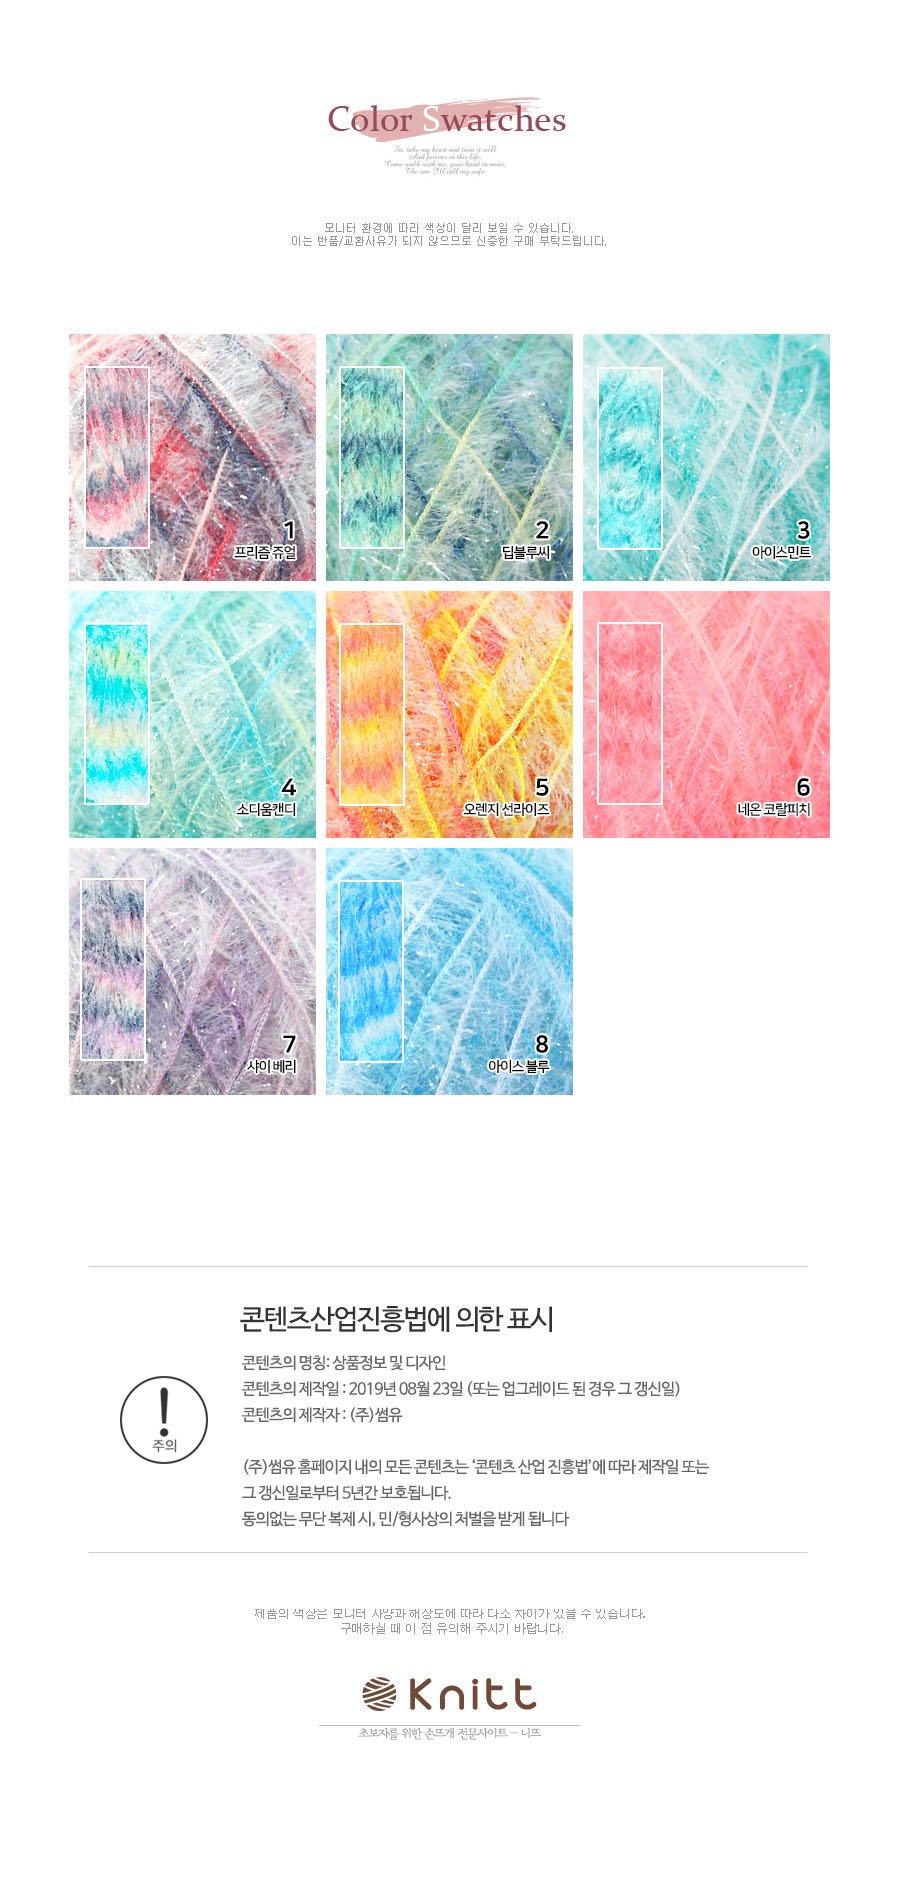 니뜨 컬러풀 웰빙수세미(80g) - 니뜨, 2,700원, 뜨개질, 봄/여름용 뜨개실